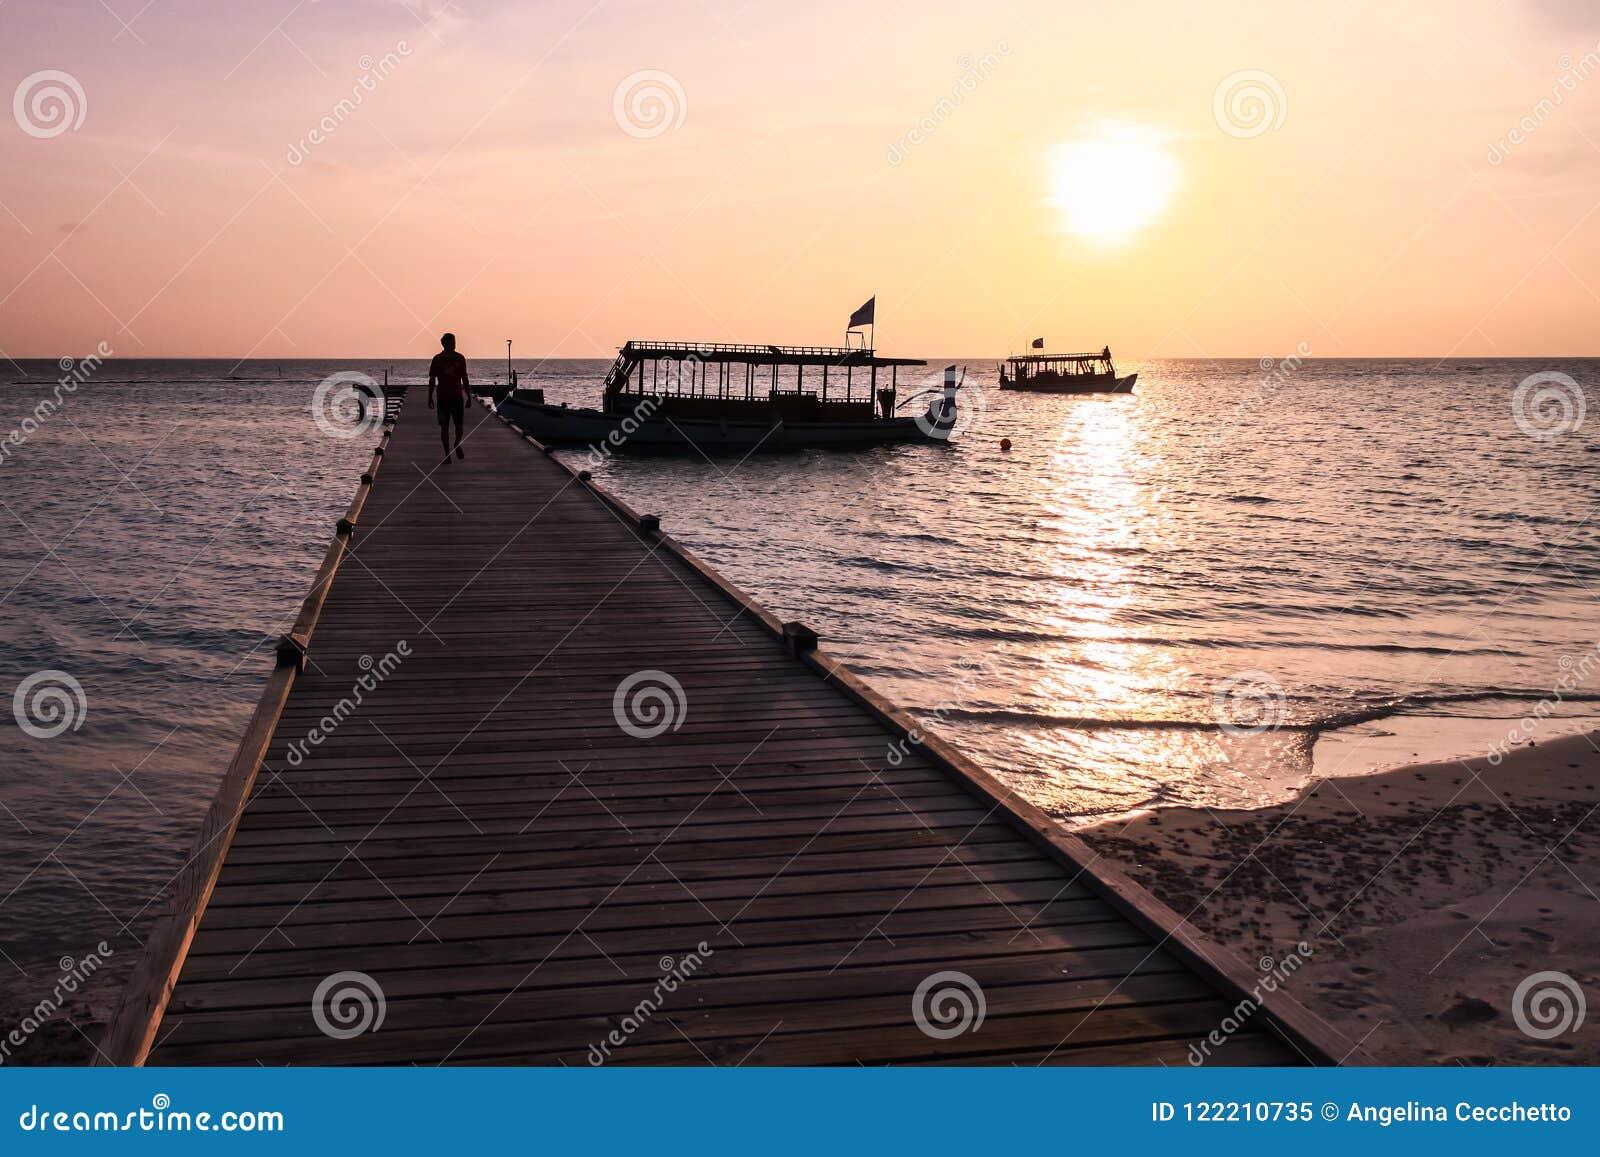 Hombre que camina en el embarcadero en la puesta del sol en el centro turístico isleño de Maldivas